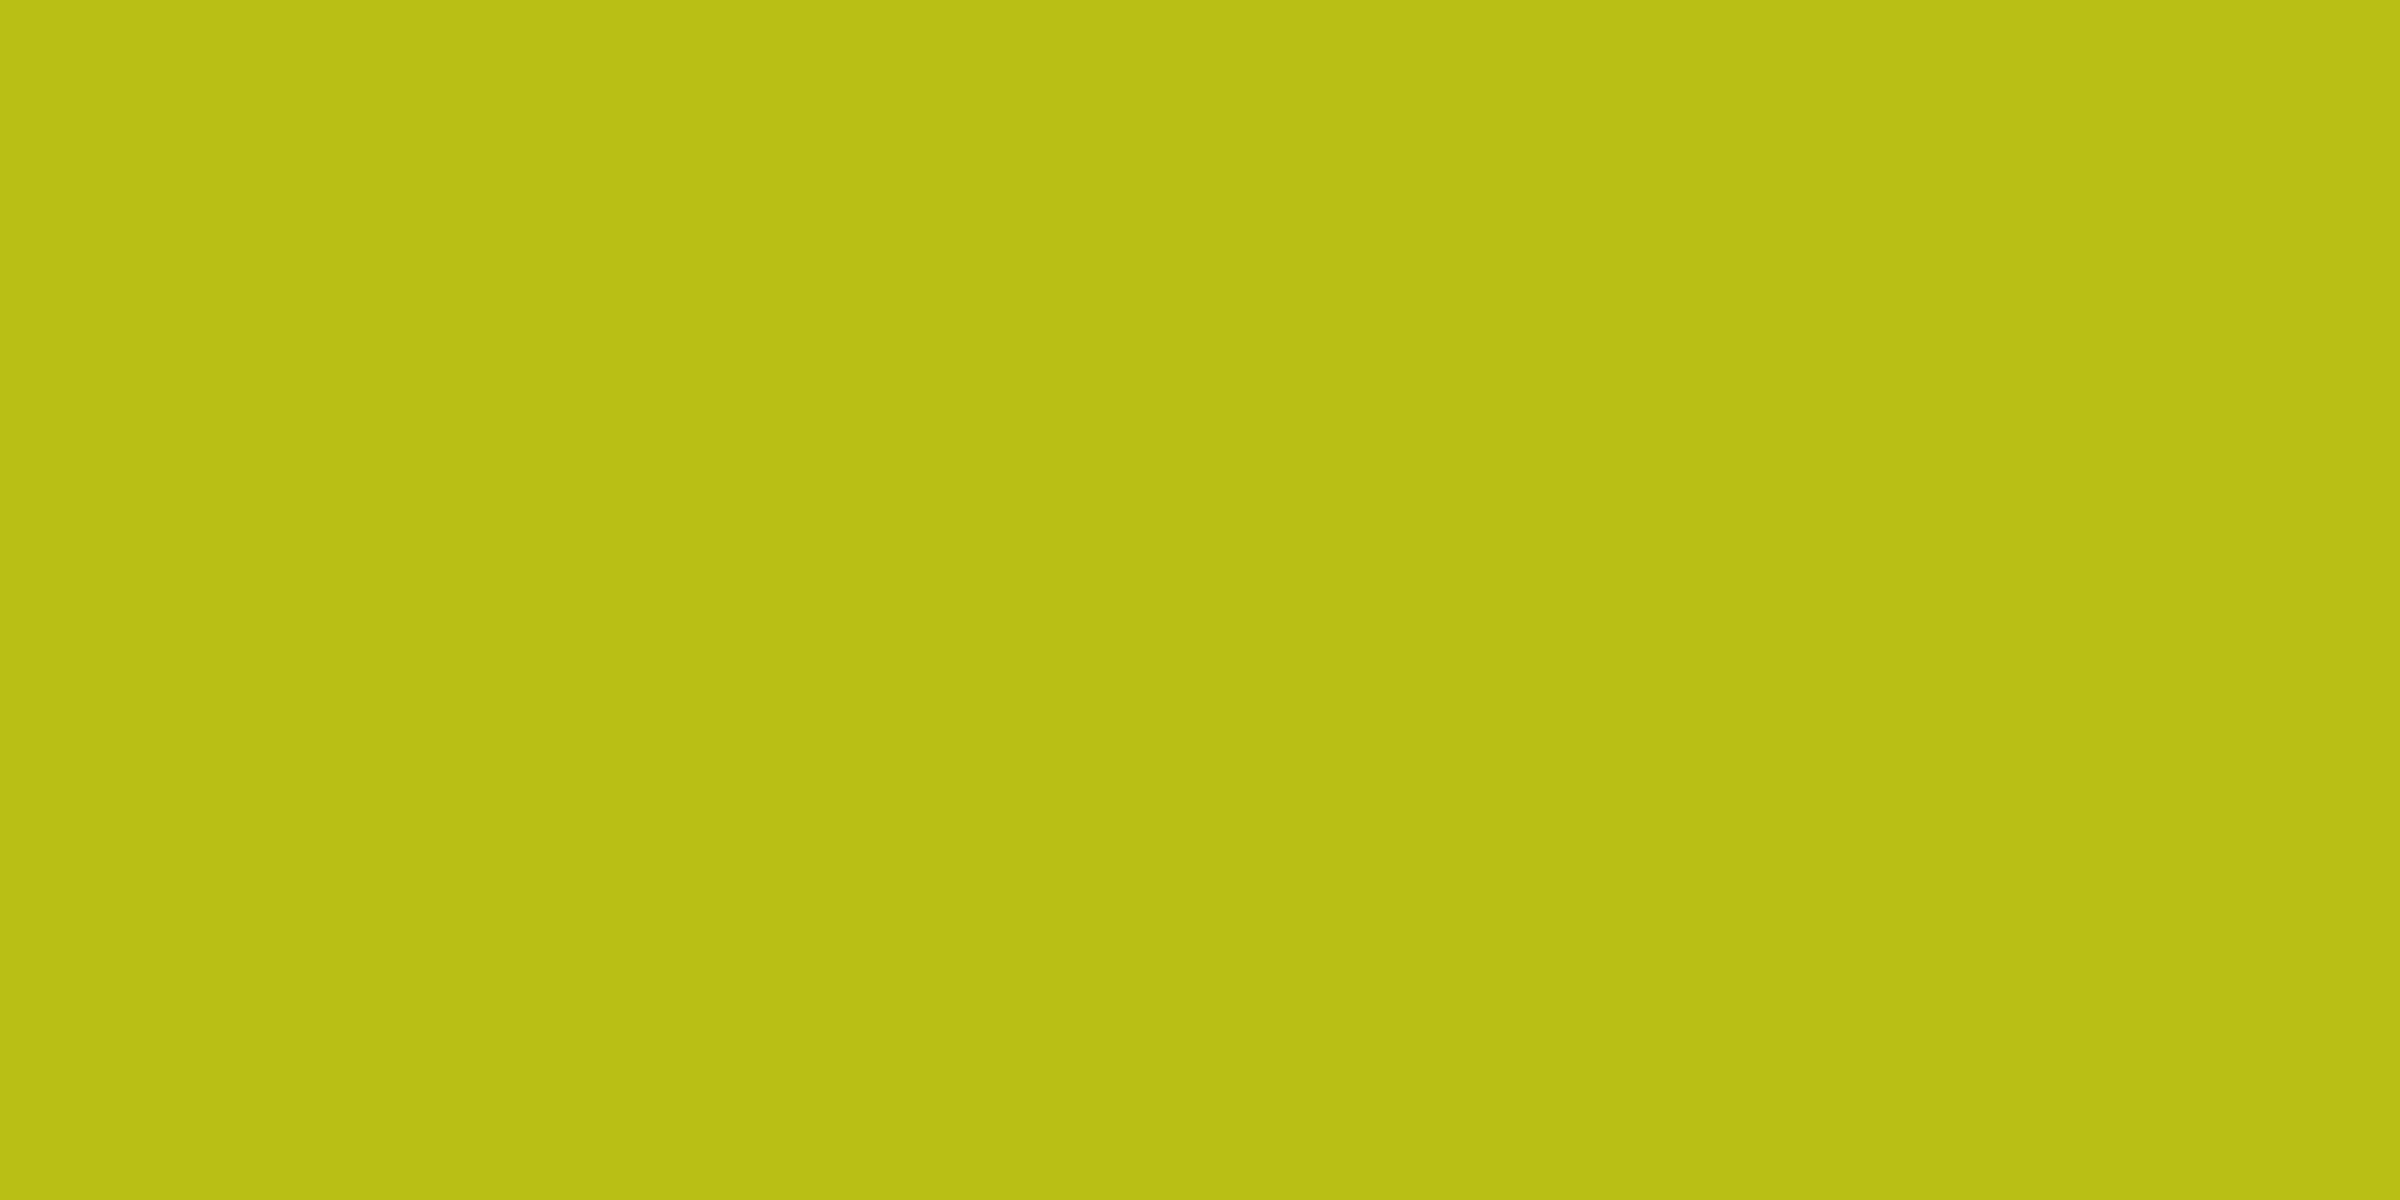 MSA_Colors_583.jpg